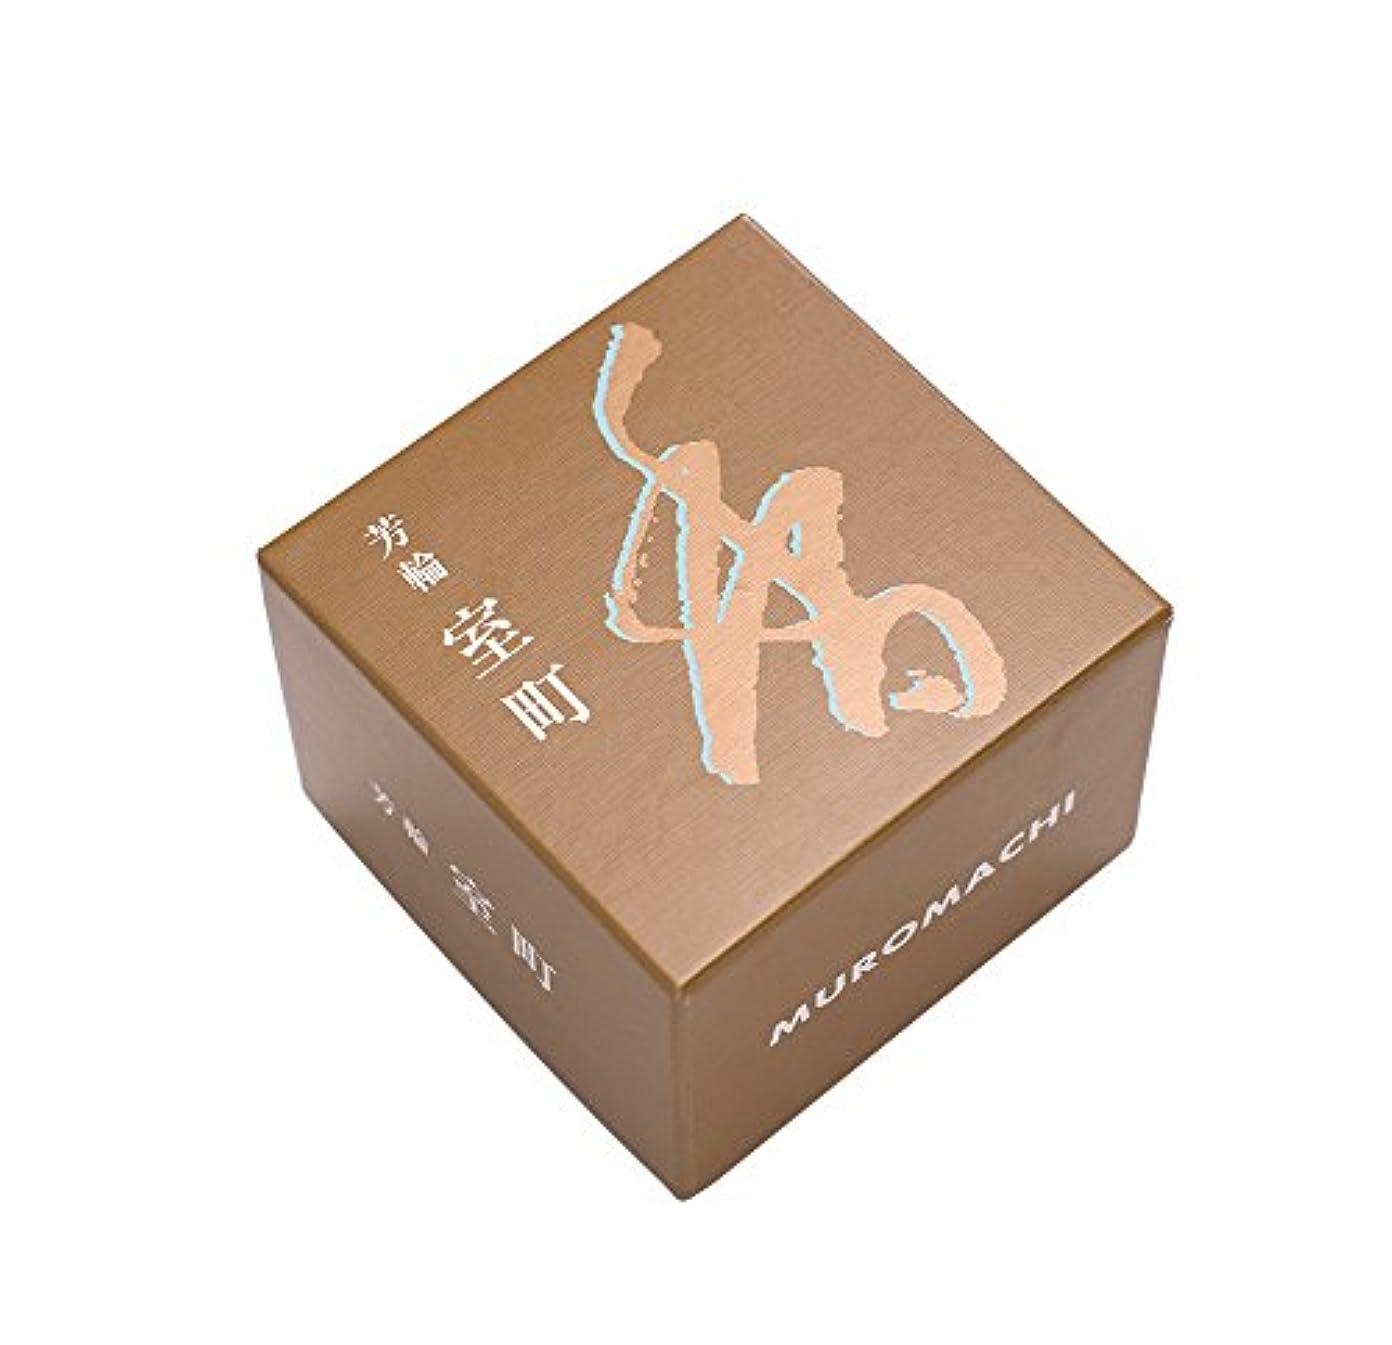 悪性の管理者世辞松栄堂のお香 芳輪室町 渦巻型10枚入 うてな角型付 #210421